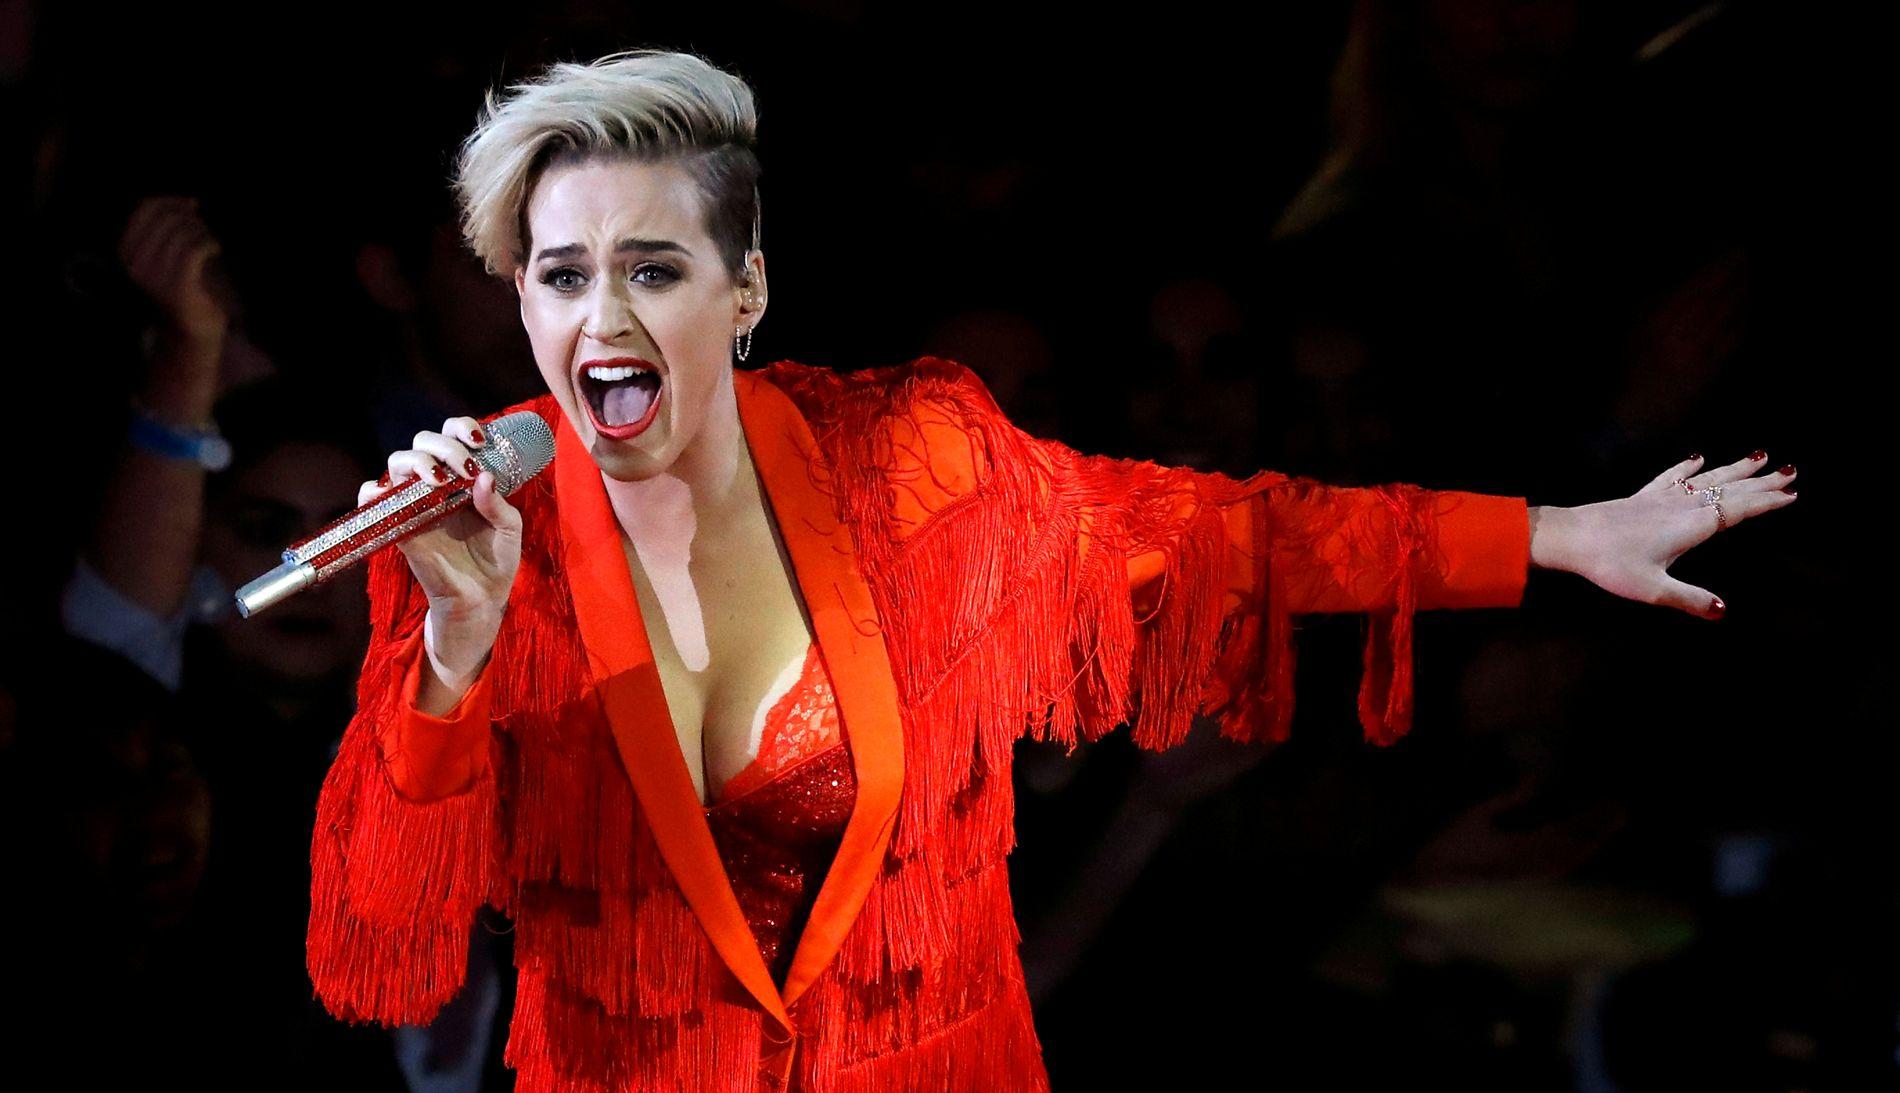 BETALTE DYRT: Katy Perry tok på seg spanderbuksene under en veldedighetskonsert i helgen. Her er hun avbildet ved en annen anledning, under iHeart Radio Awards i fjor.